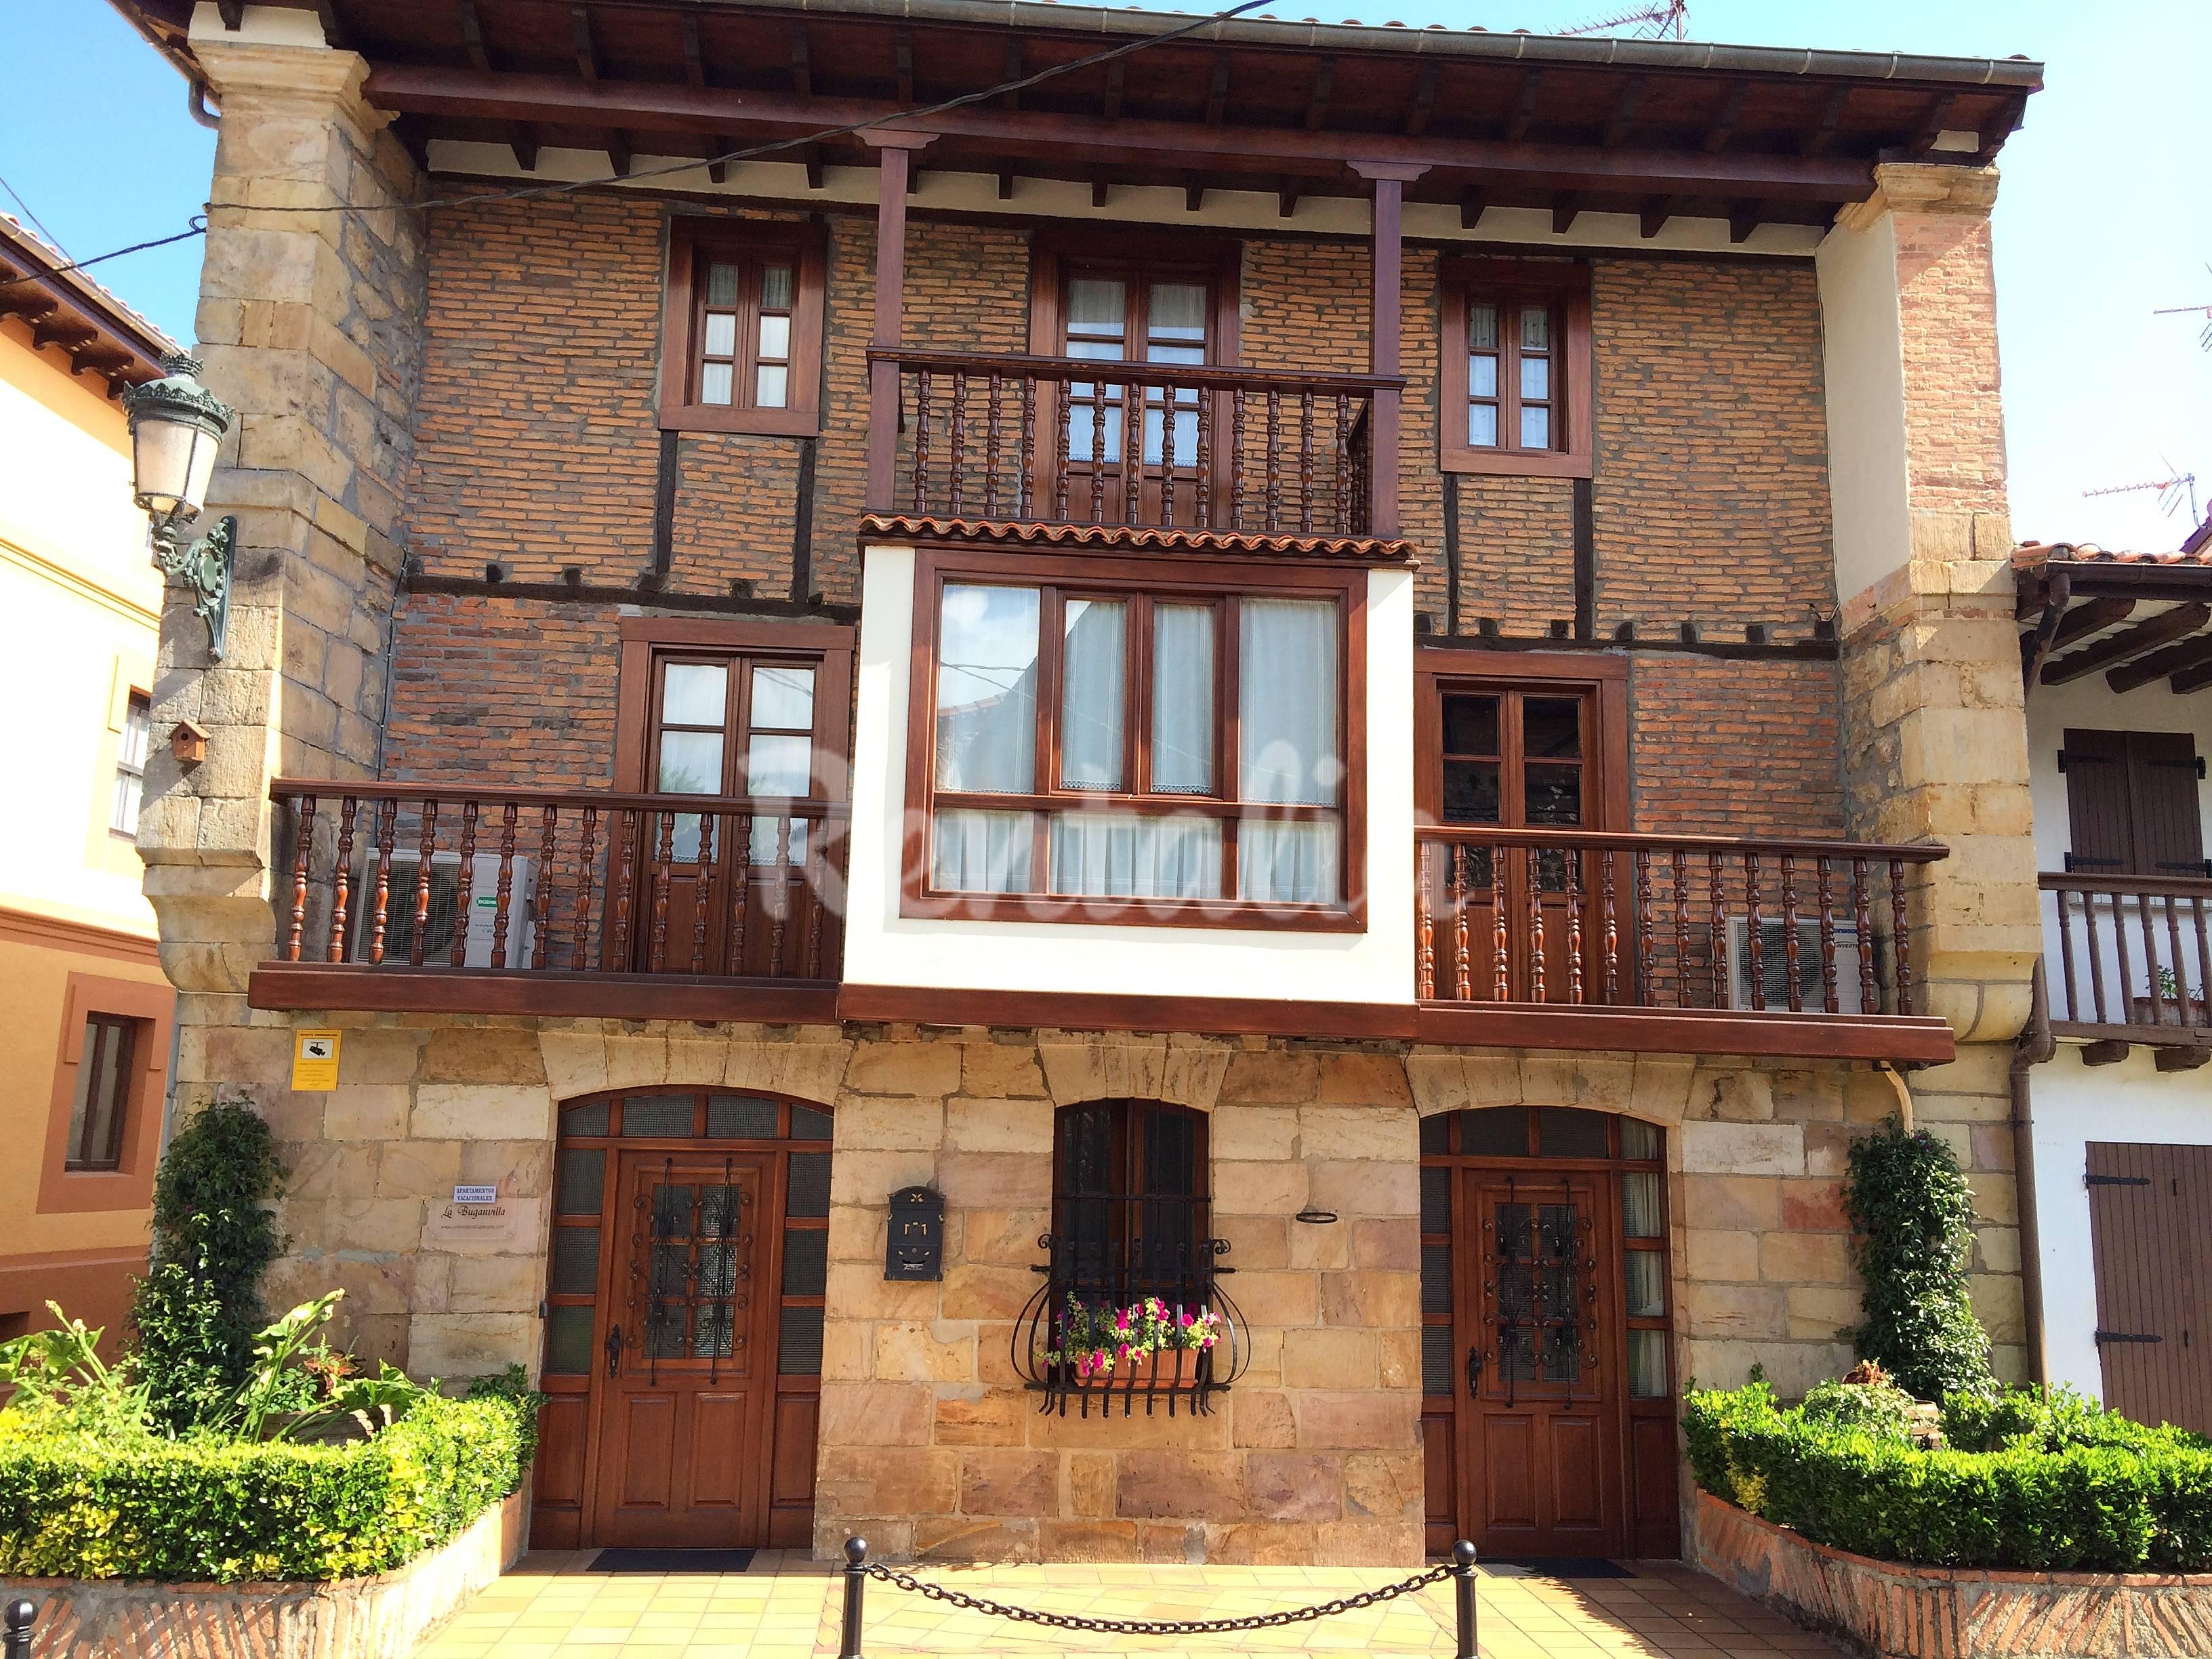 La buganvilla 2 apartamentos a 3 km de la playa novales alfoz de lloredo cantabria costa - La buganvilla ...